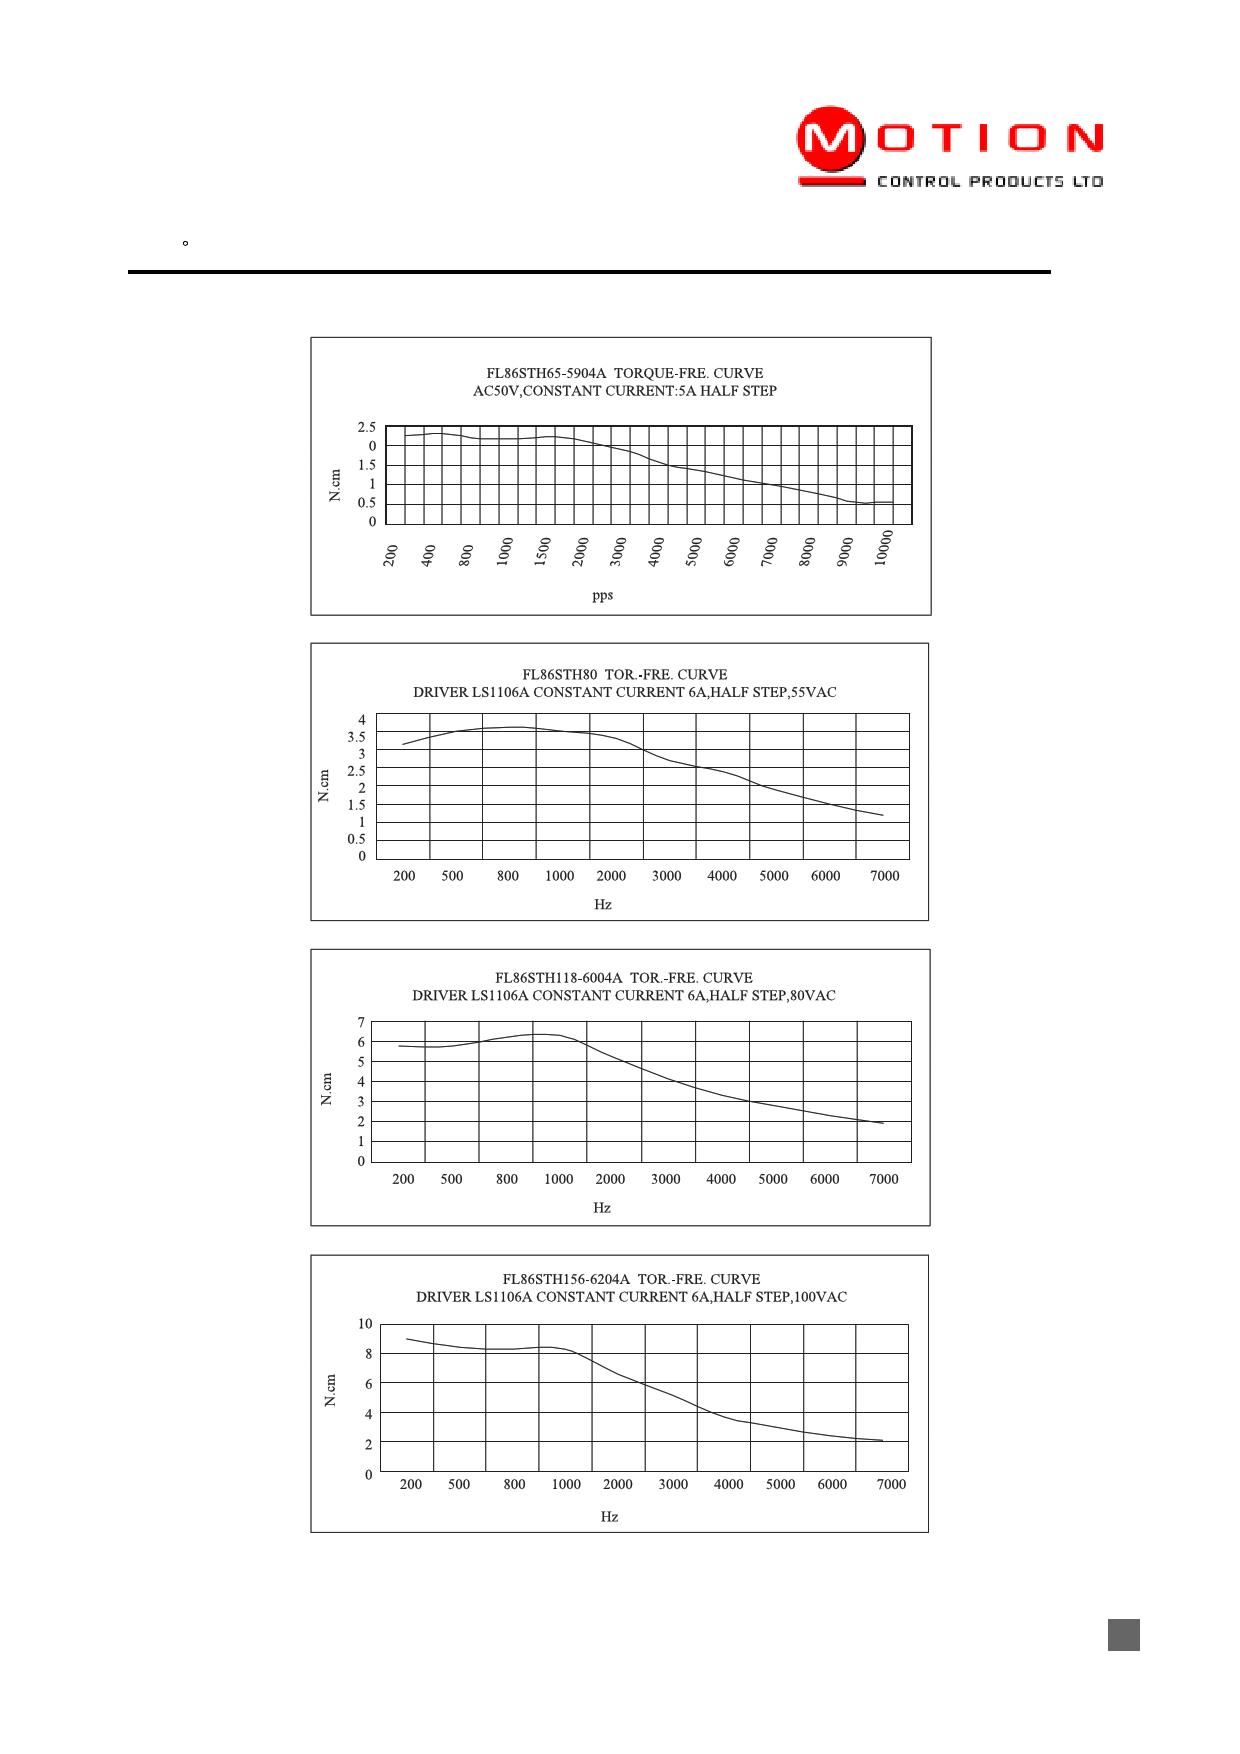 FL86STH156-6204A pdf, 電子部品, 半導体, ピン配列